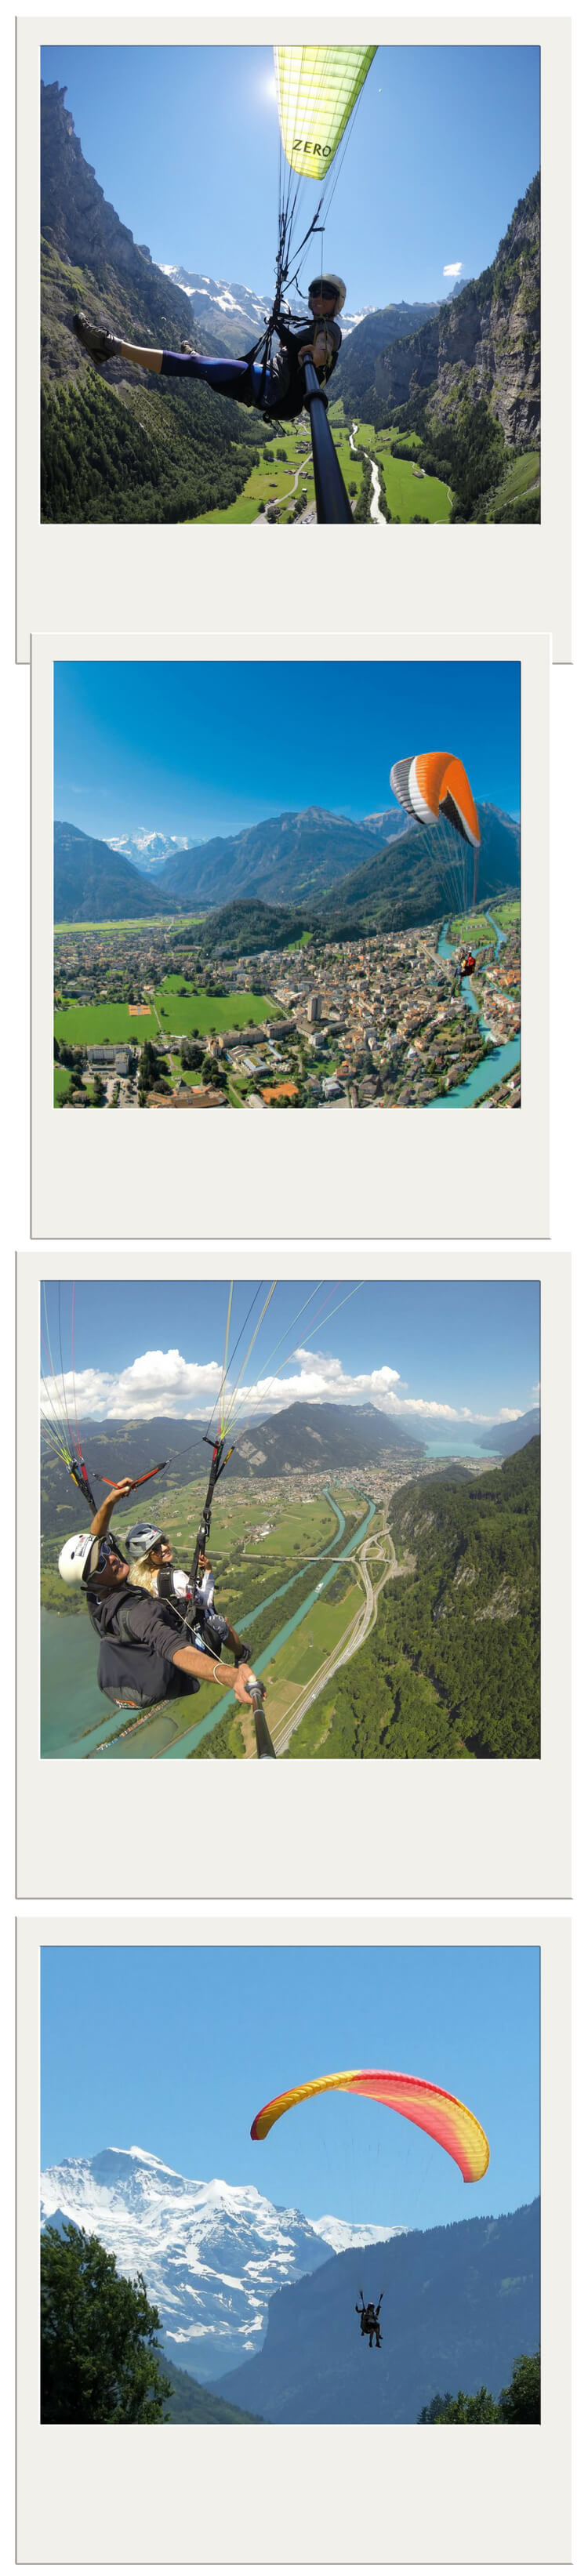 Paragliding-Suiça-LAuterbrunnen